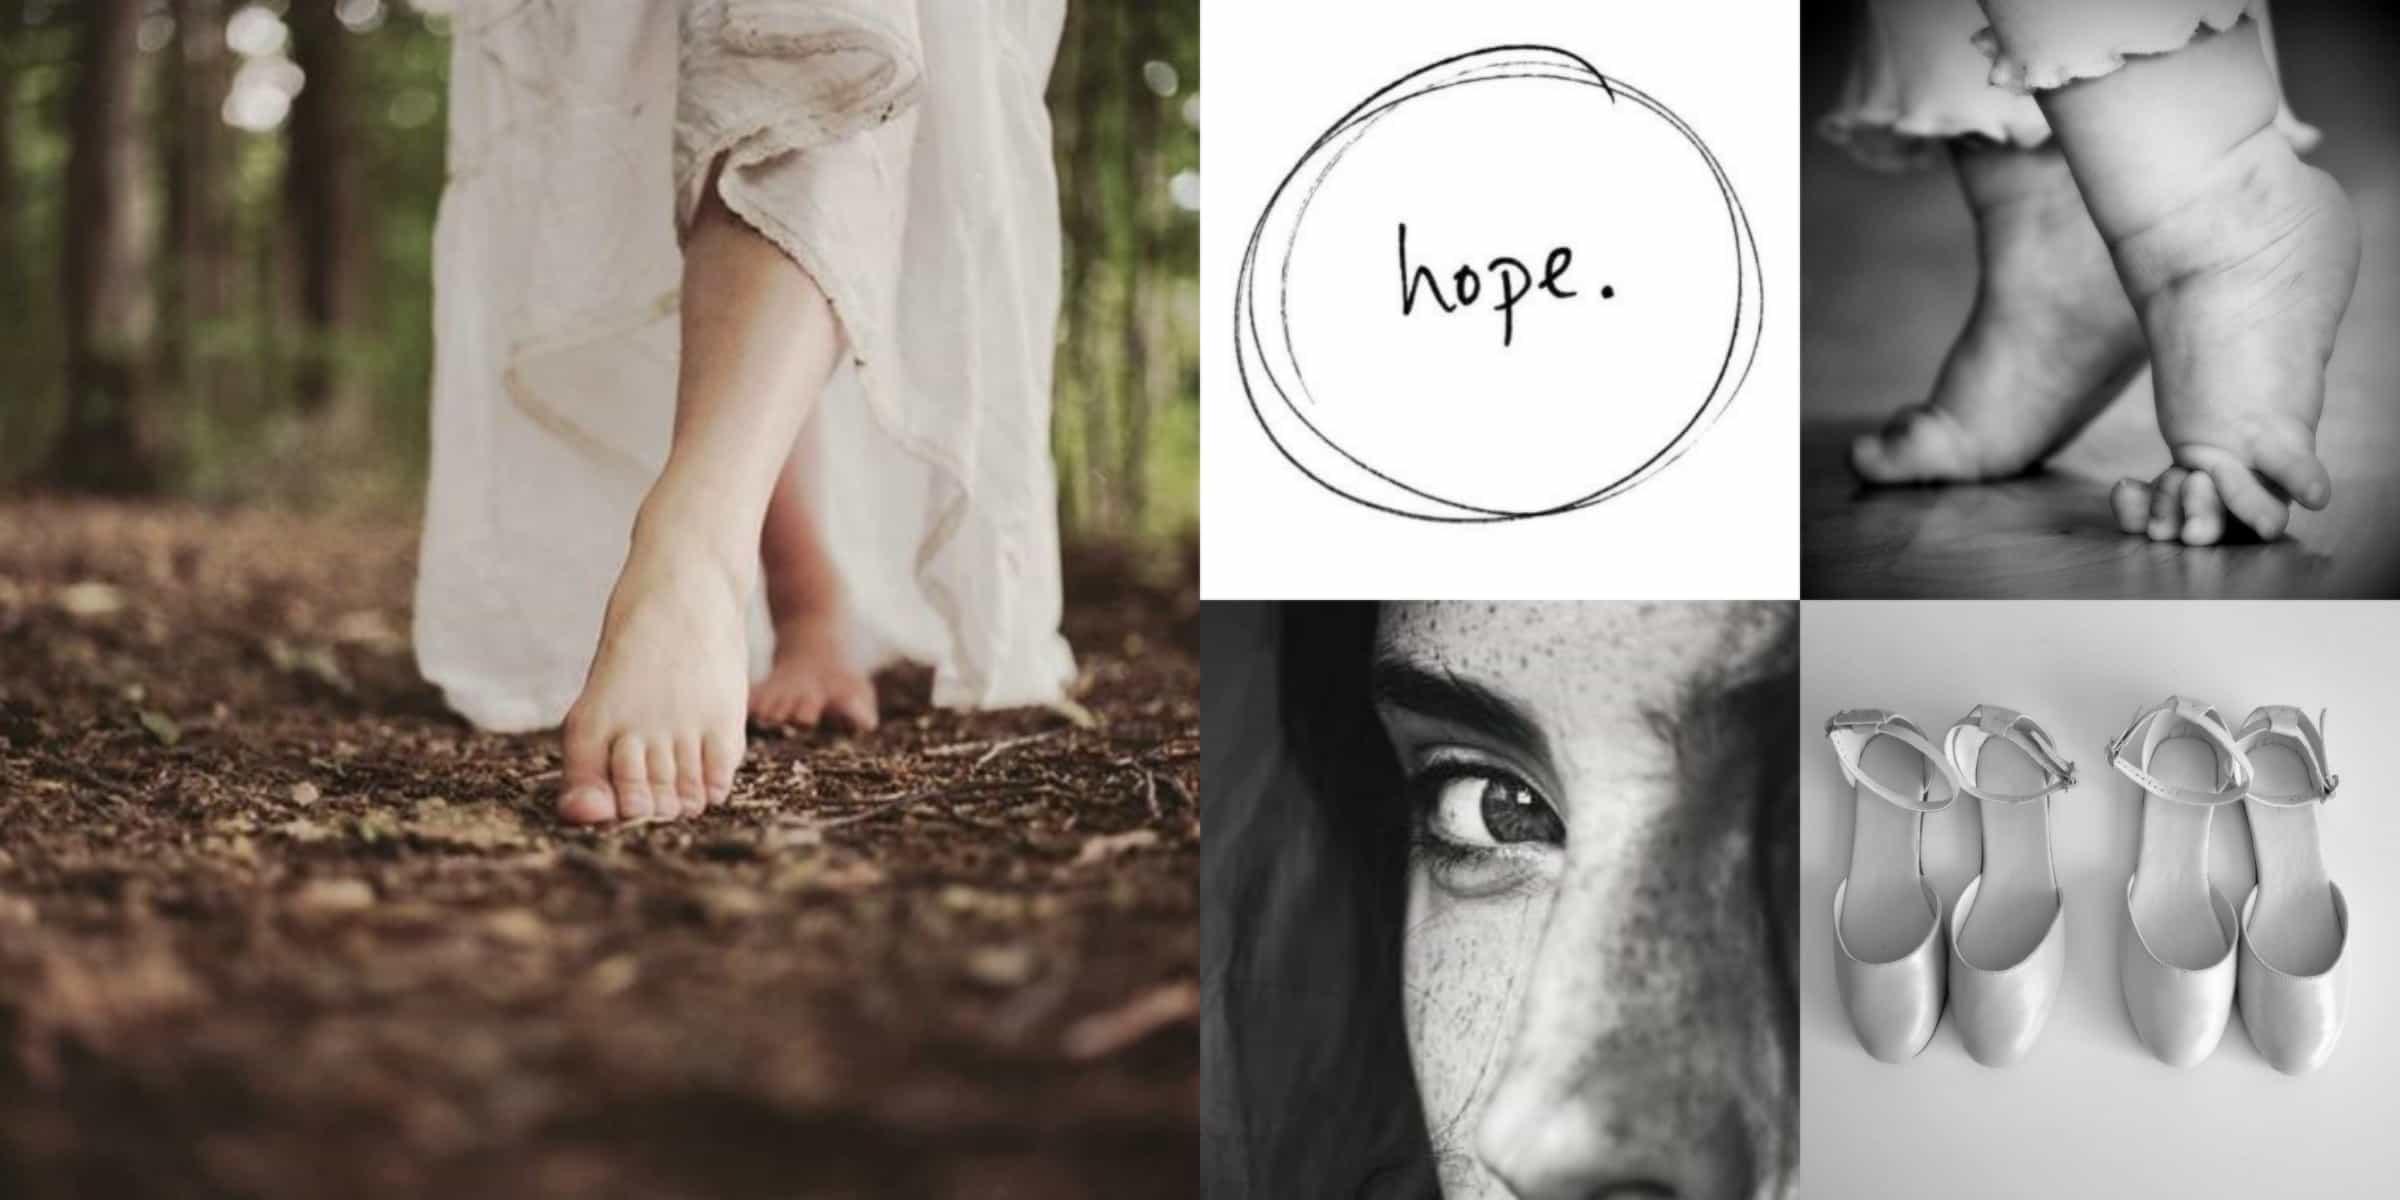 תקווה, פעם ראשונה, צעד ראשון, נעליים. סיכות בצבע זהב. פוסט מתוך הבלוג של תמרי אנד מי פוסט על פעם ראשונה תמרי סלונים ליבס